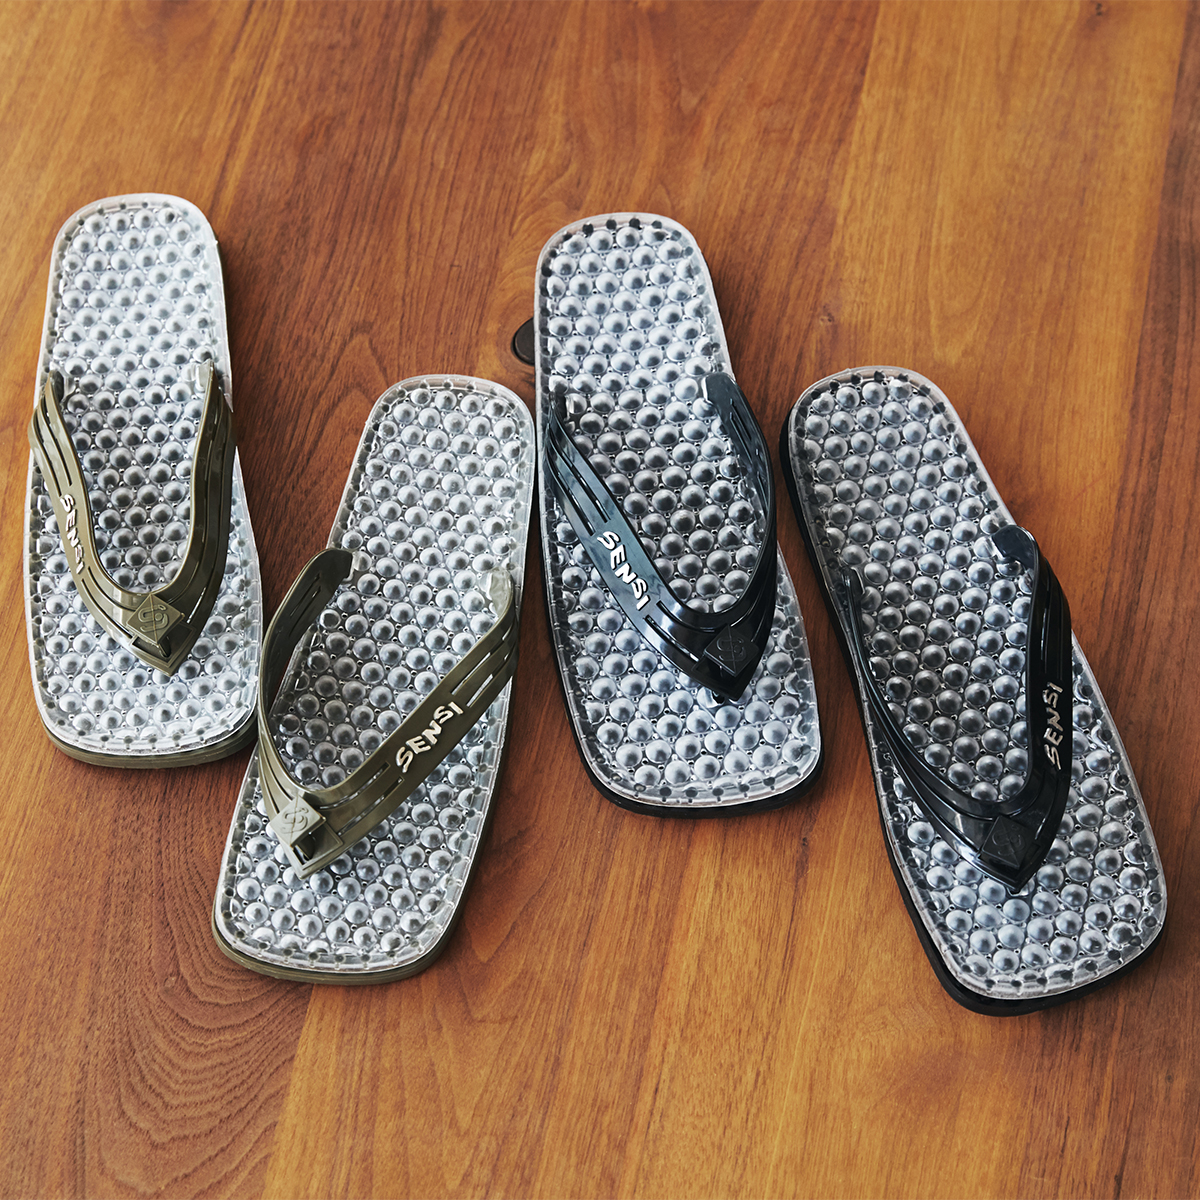 洗練されたデザインで履き心地バツグン。半球状の突起が、心地よく足裏マッサージしてくれる「健康サンダル」|SENSI